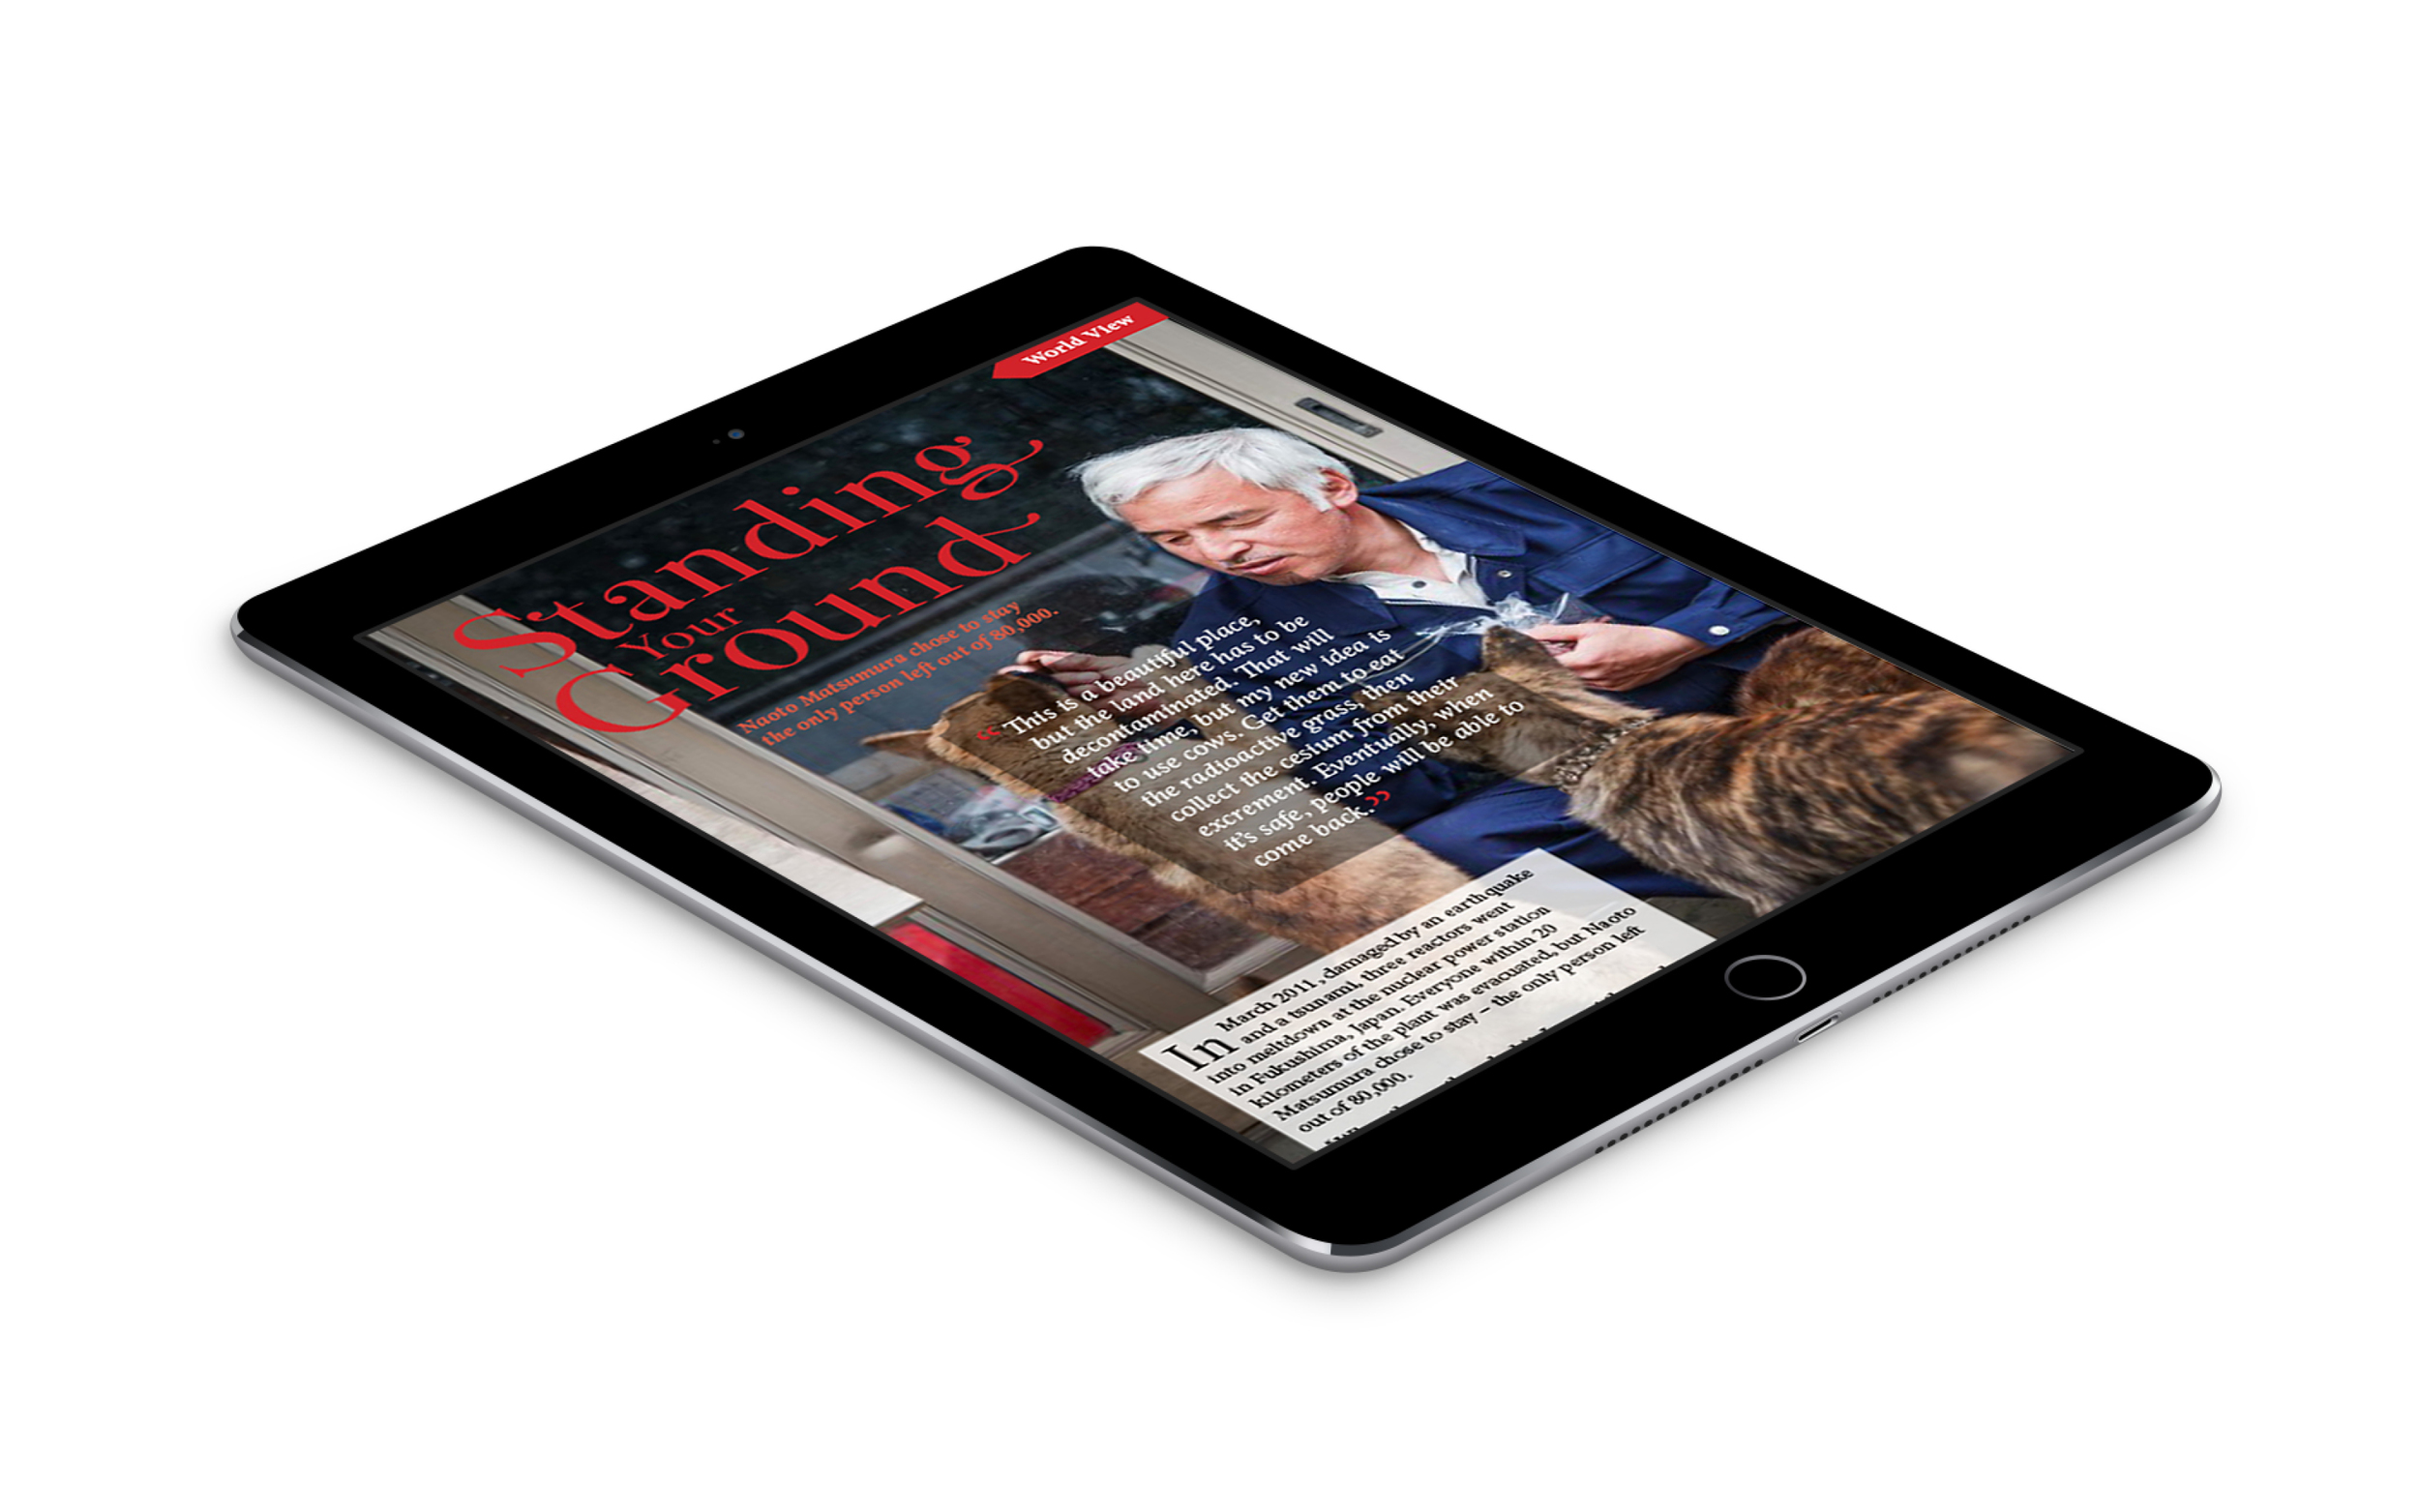 Examiner-iPad-mockup-1.jpg